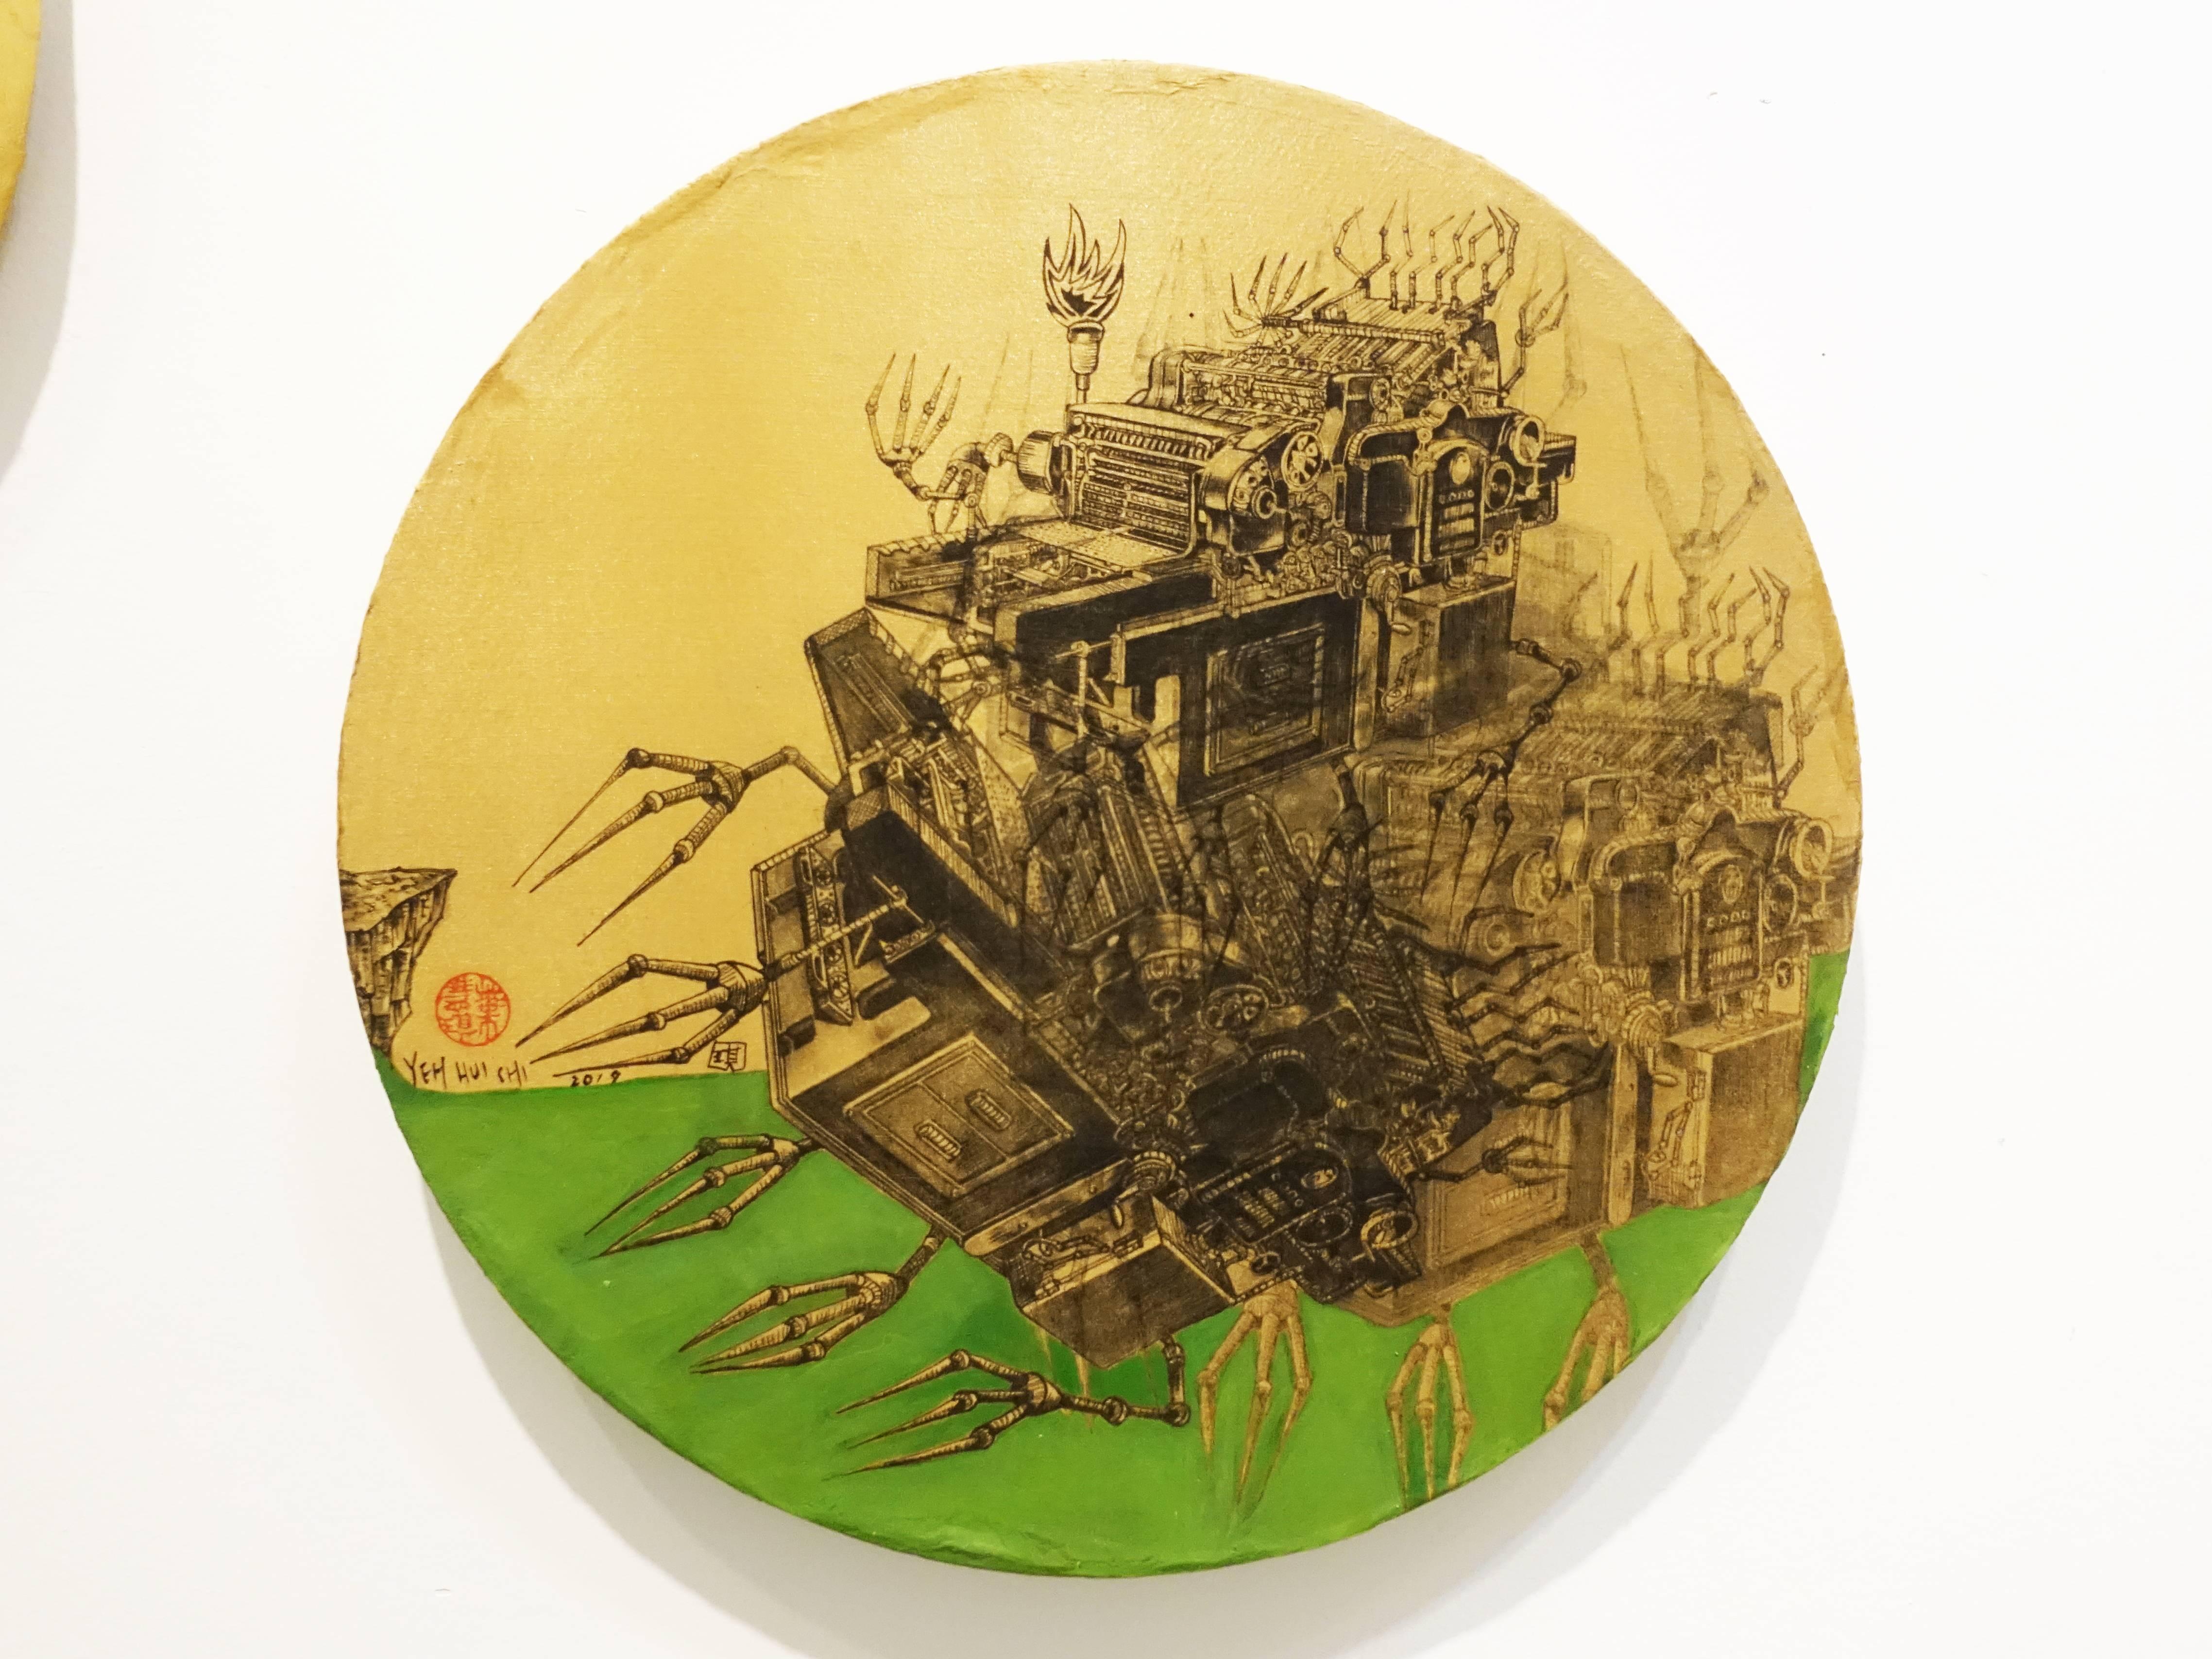 葉慧琪,《機械群37》,30 x 30 cm,綜合媒材、絹布。